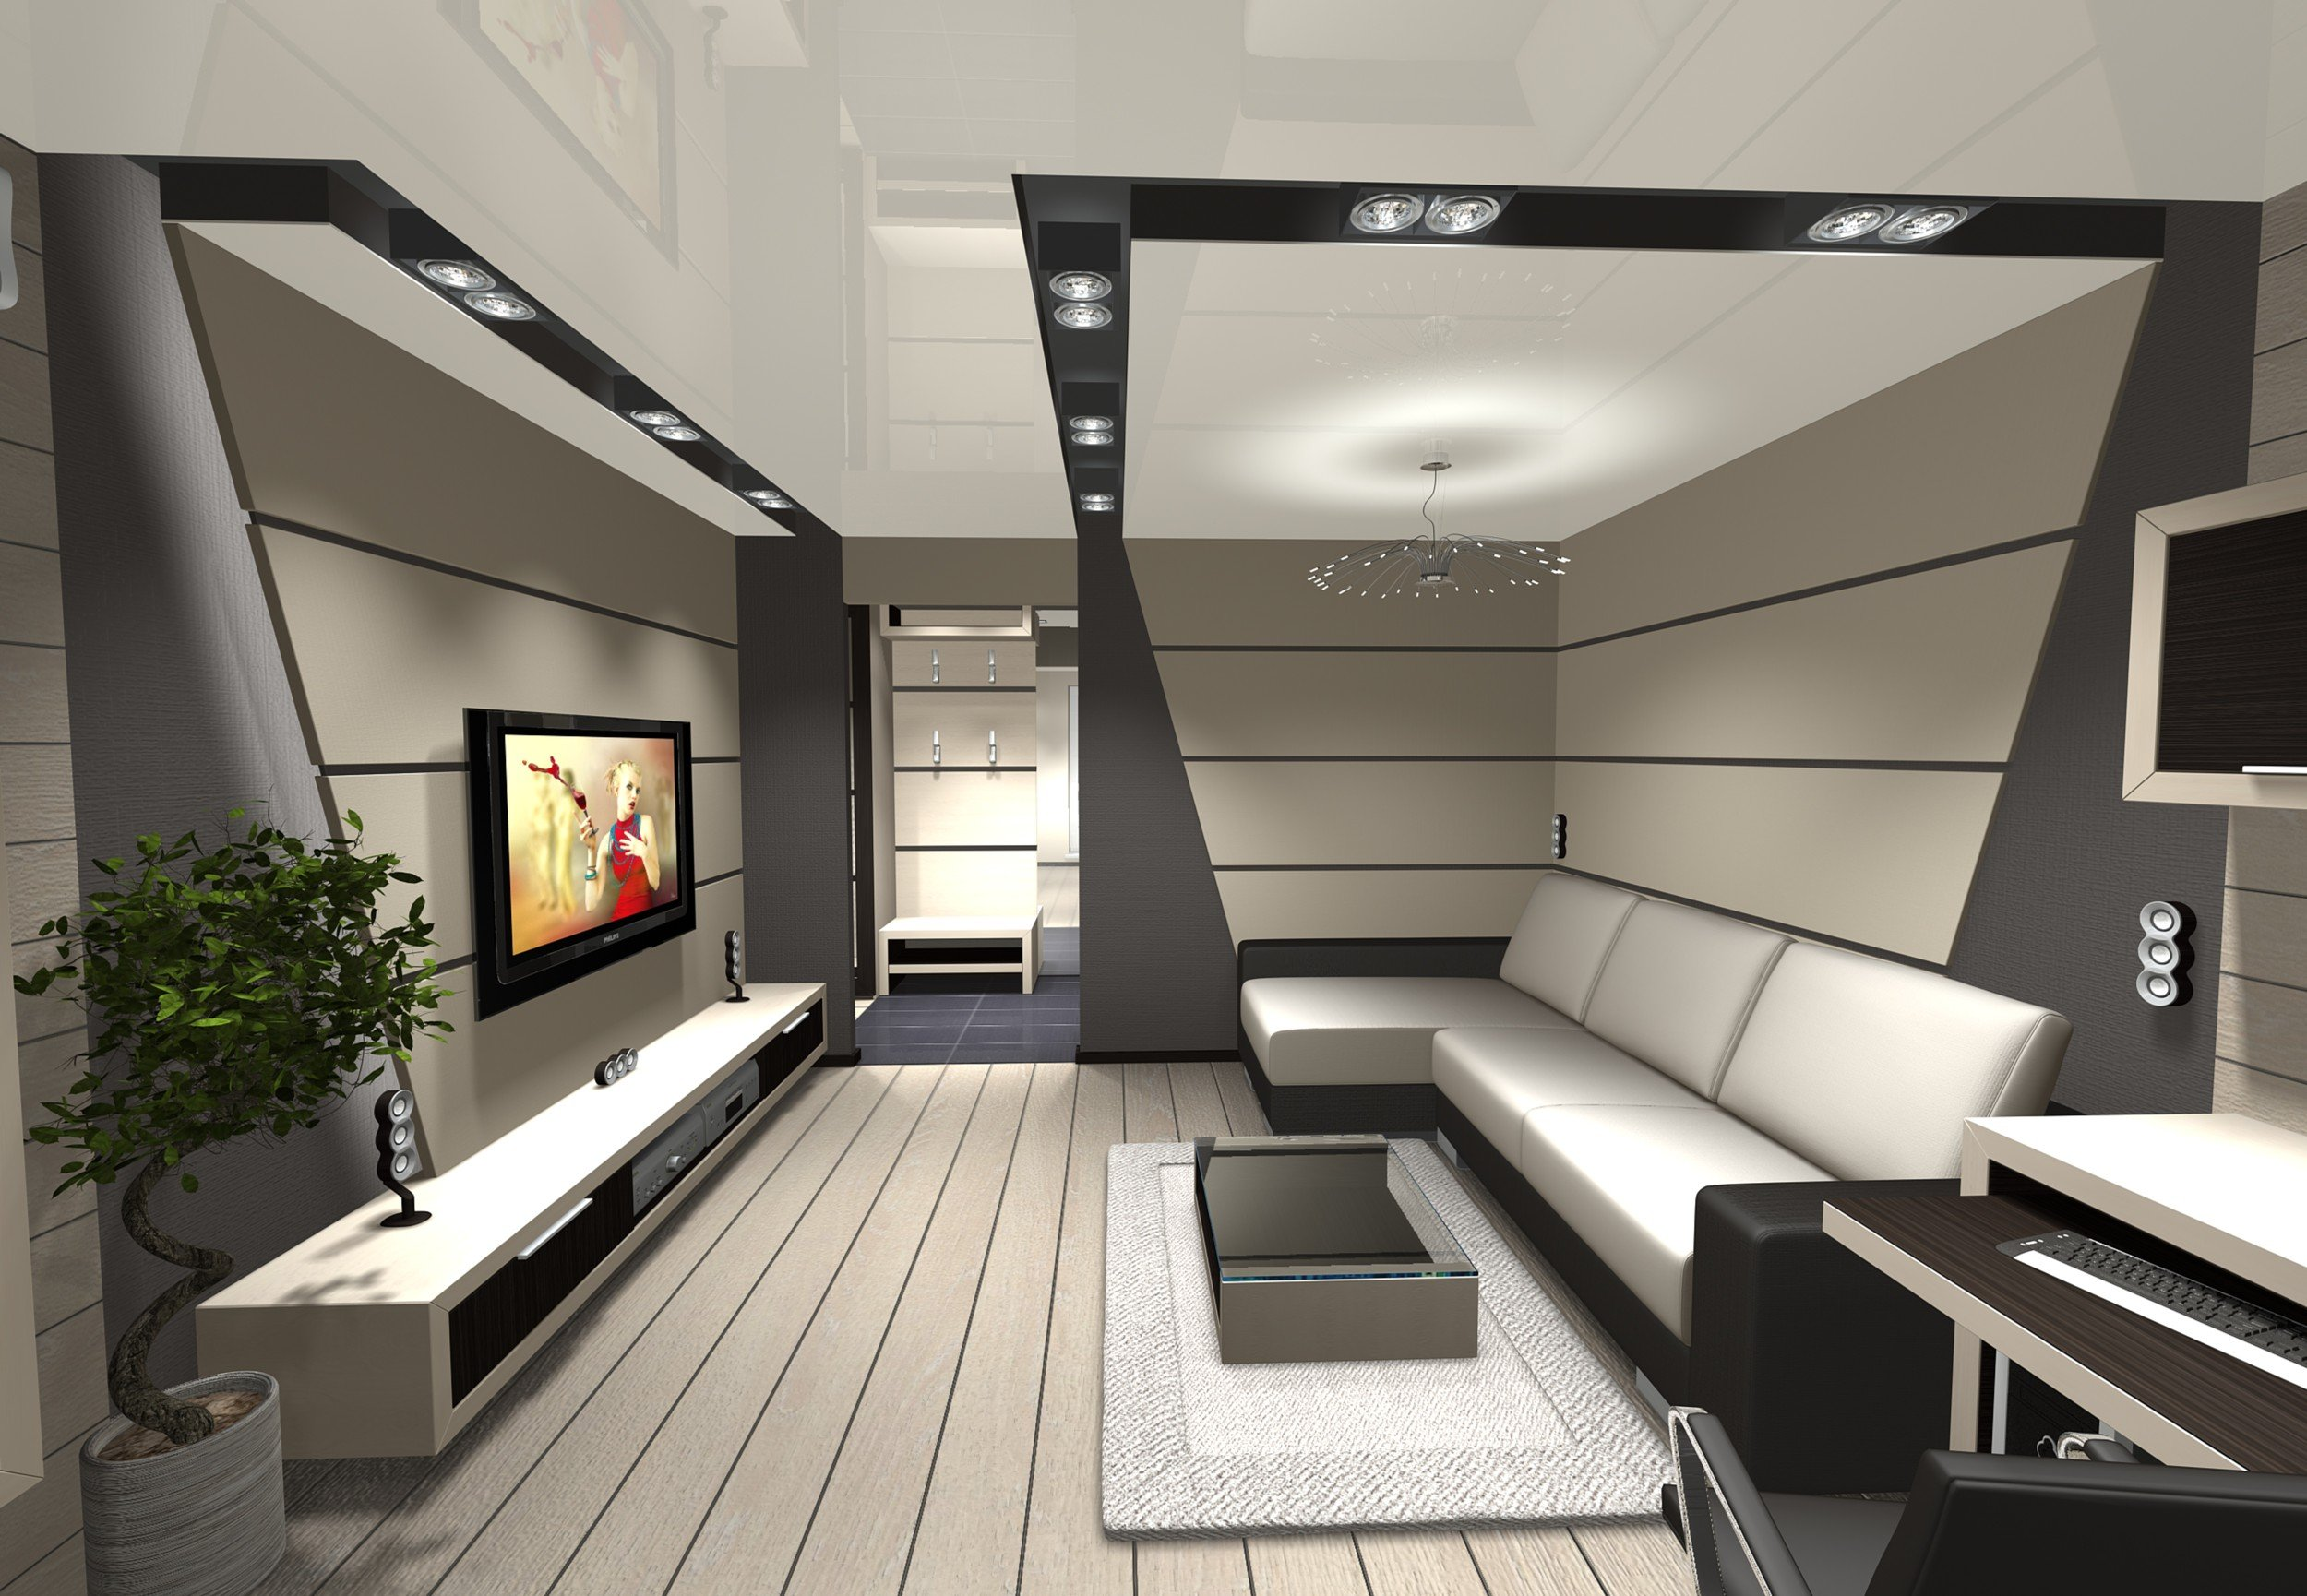 conception de salon de haute technologie